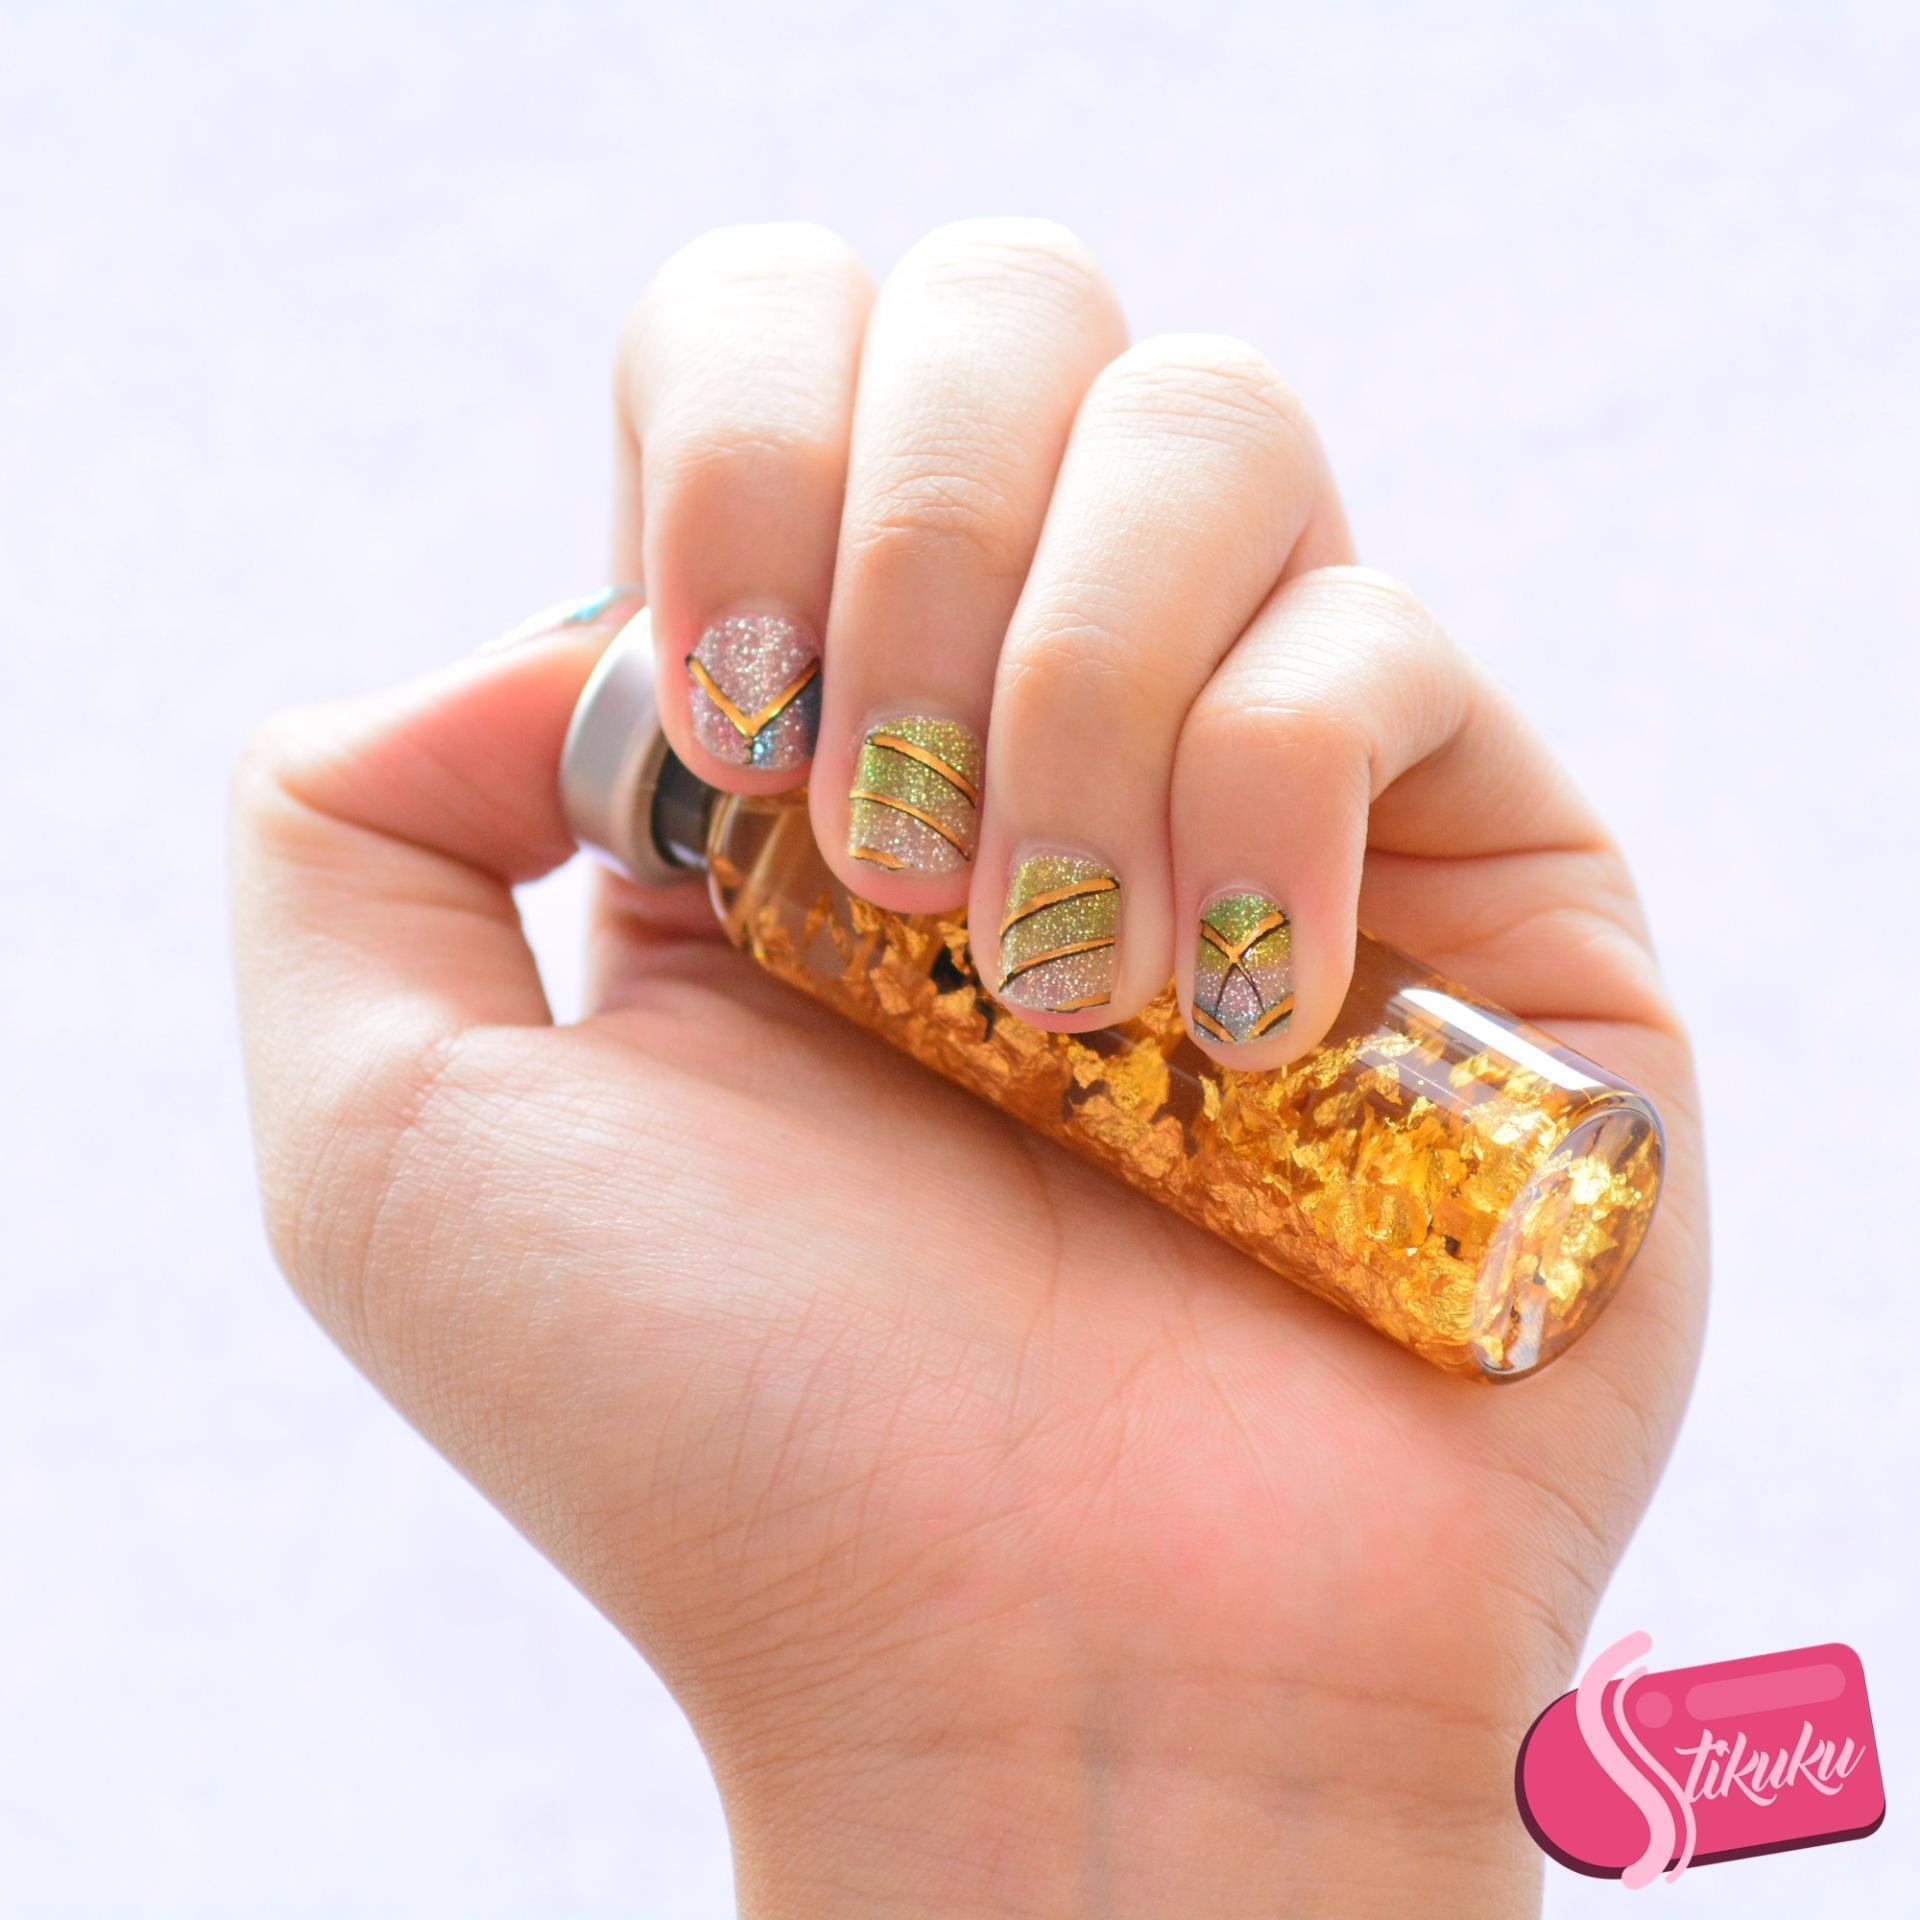 5 Buah 3 G Lem Kuku Untuk Dekorasi Palsu Sinar Uv Gel Dan Jbs Nails Wedding Nail Art 3d A41 Harga Termurah Wxs Instant Berkilau Akrilik Source